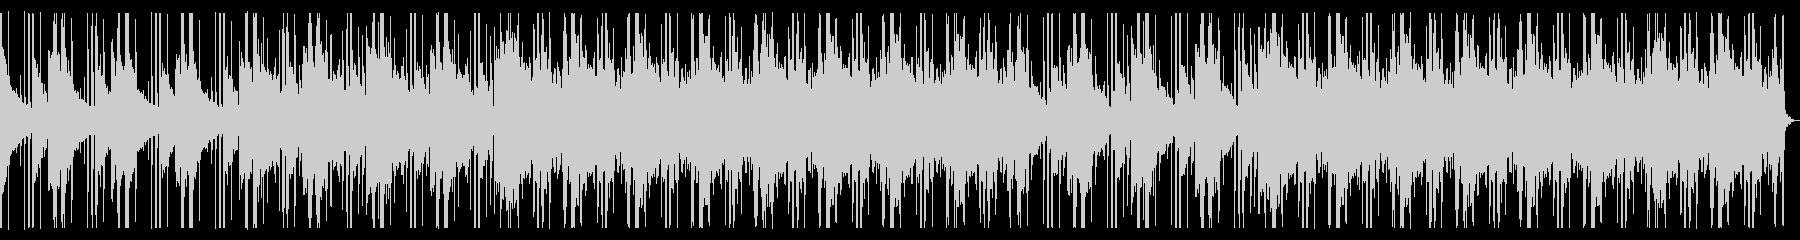 解放されるようなBGM_No631_1の未再生の波形